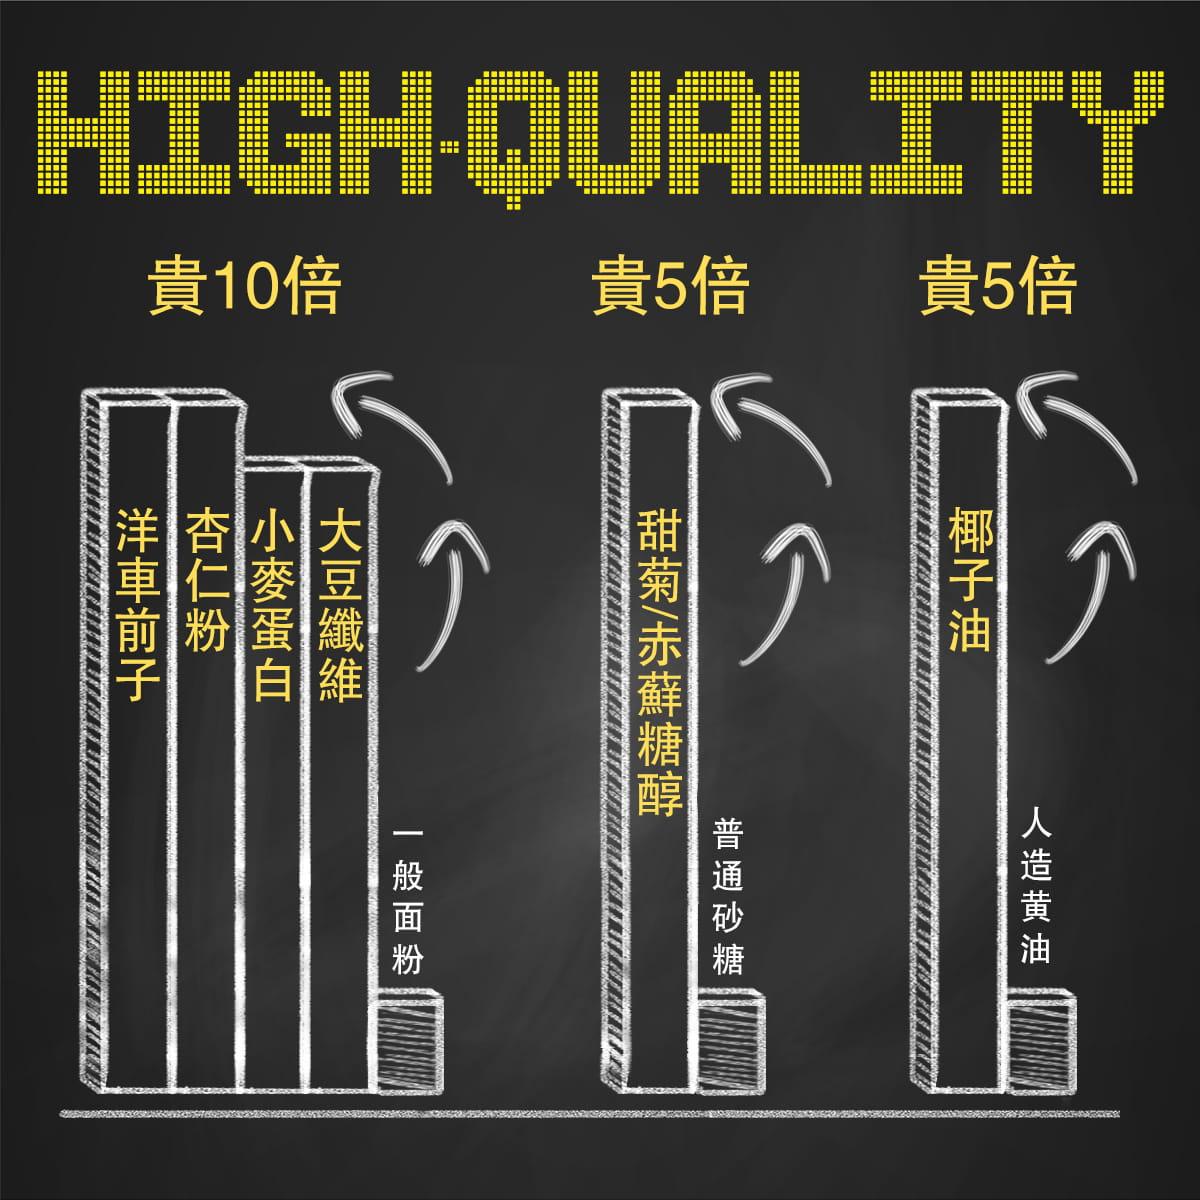 【Bango】無澱粉韓式炸醬拉麵/擔擔麻醬拉麵 9